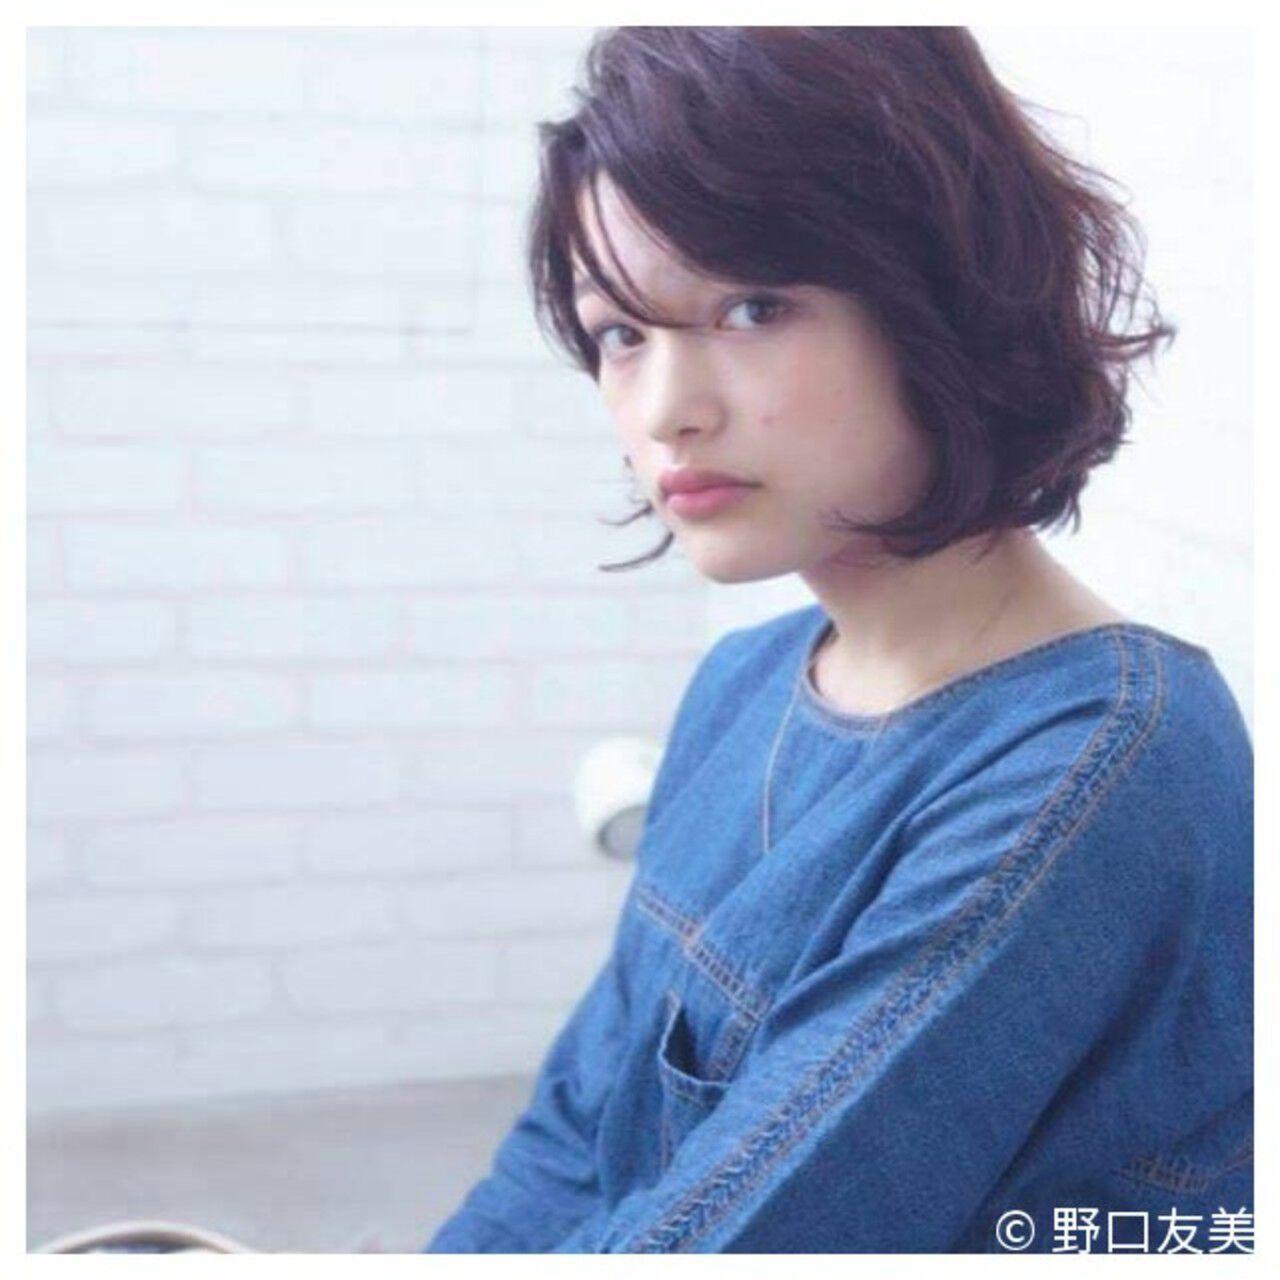 暗髪 大人かわいい パーマ ボブヘアスタイルや髪型の写真・画像